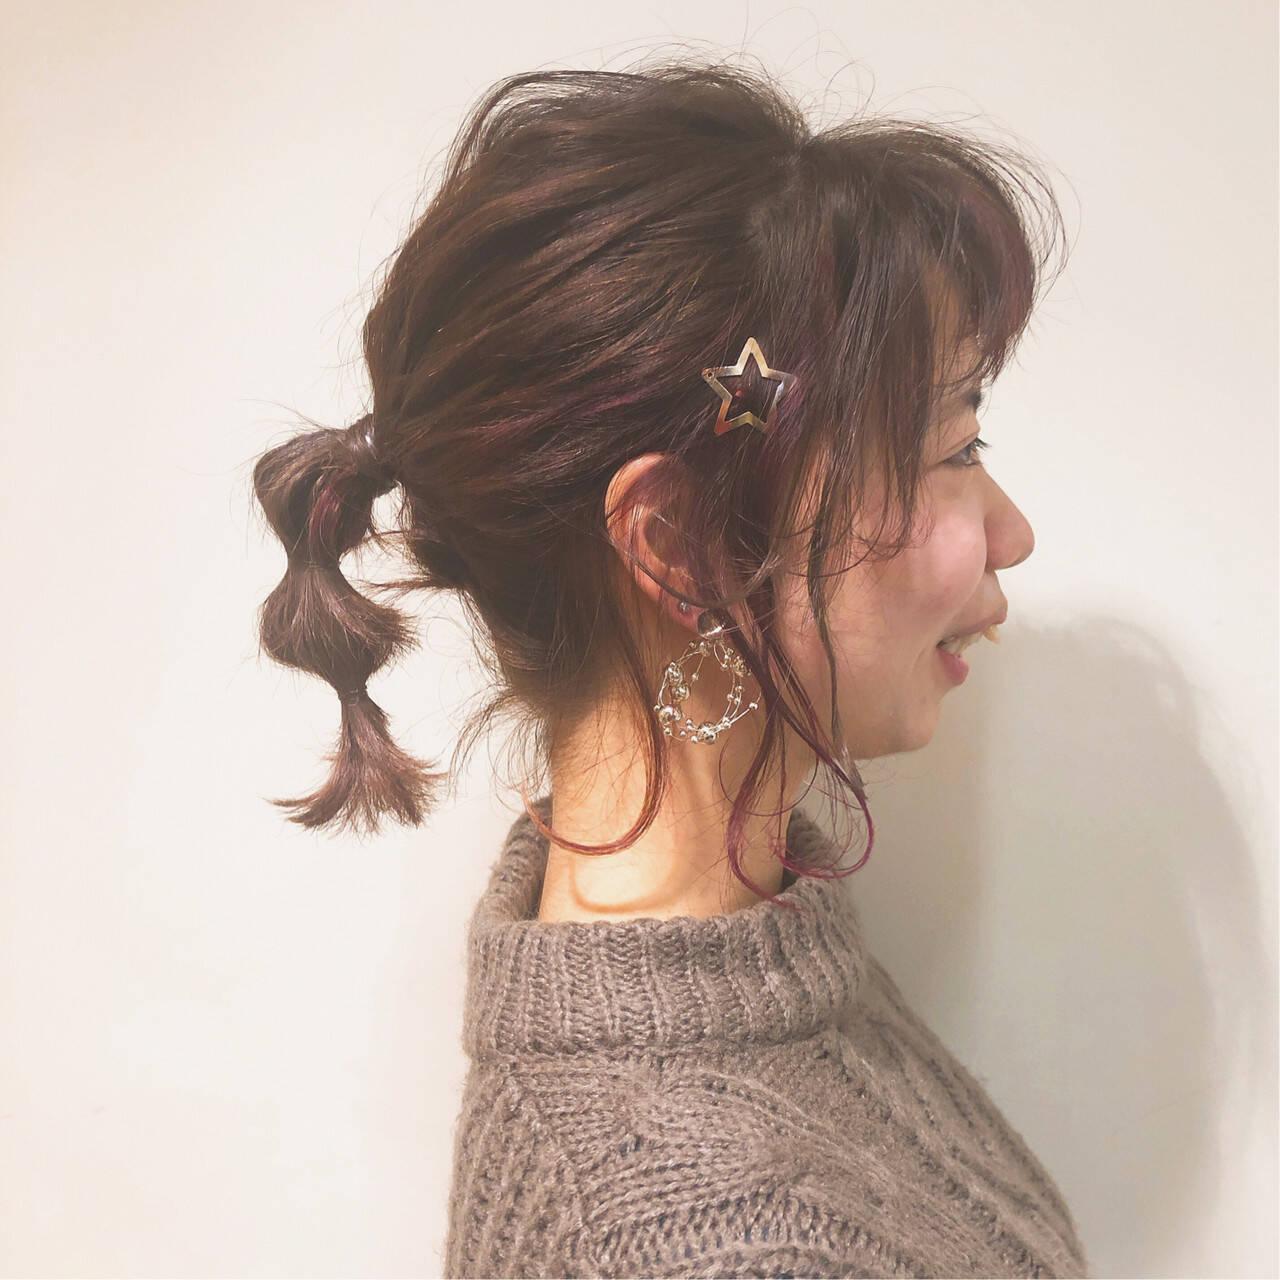 ヘアアレンジ ガーリー 外国人風カラー 簡単ヘアアレンジヘアスタイルや髪型の写真・画像